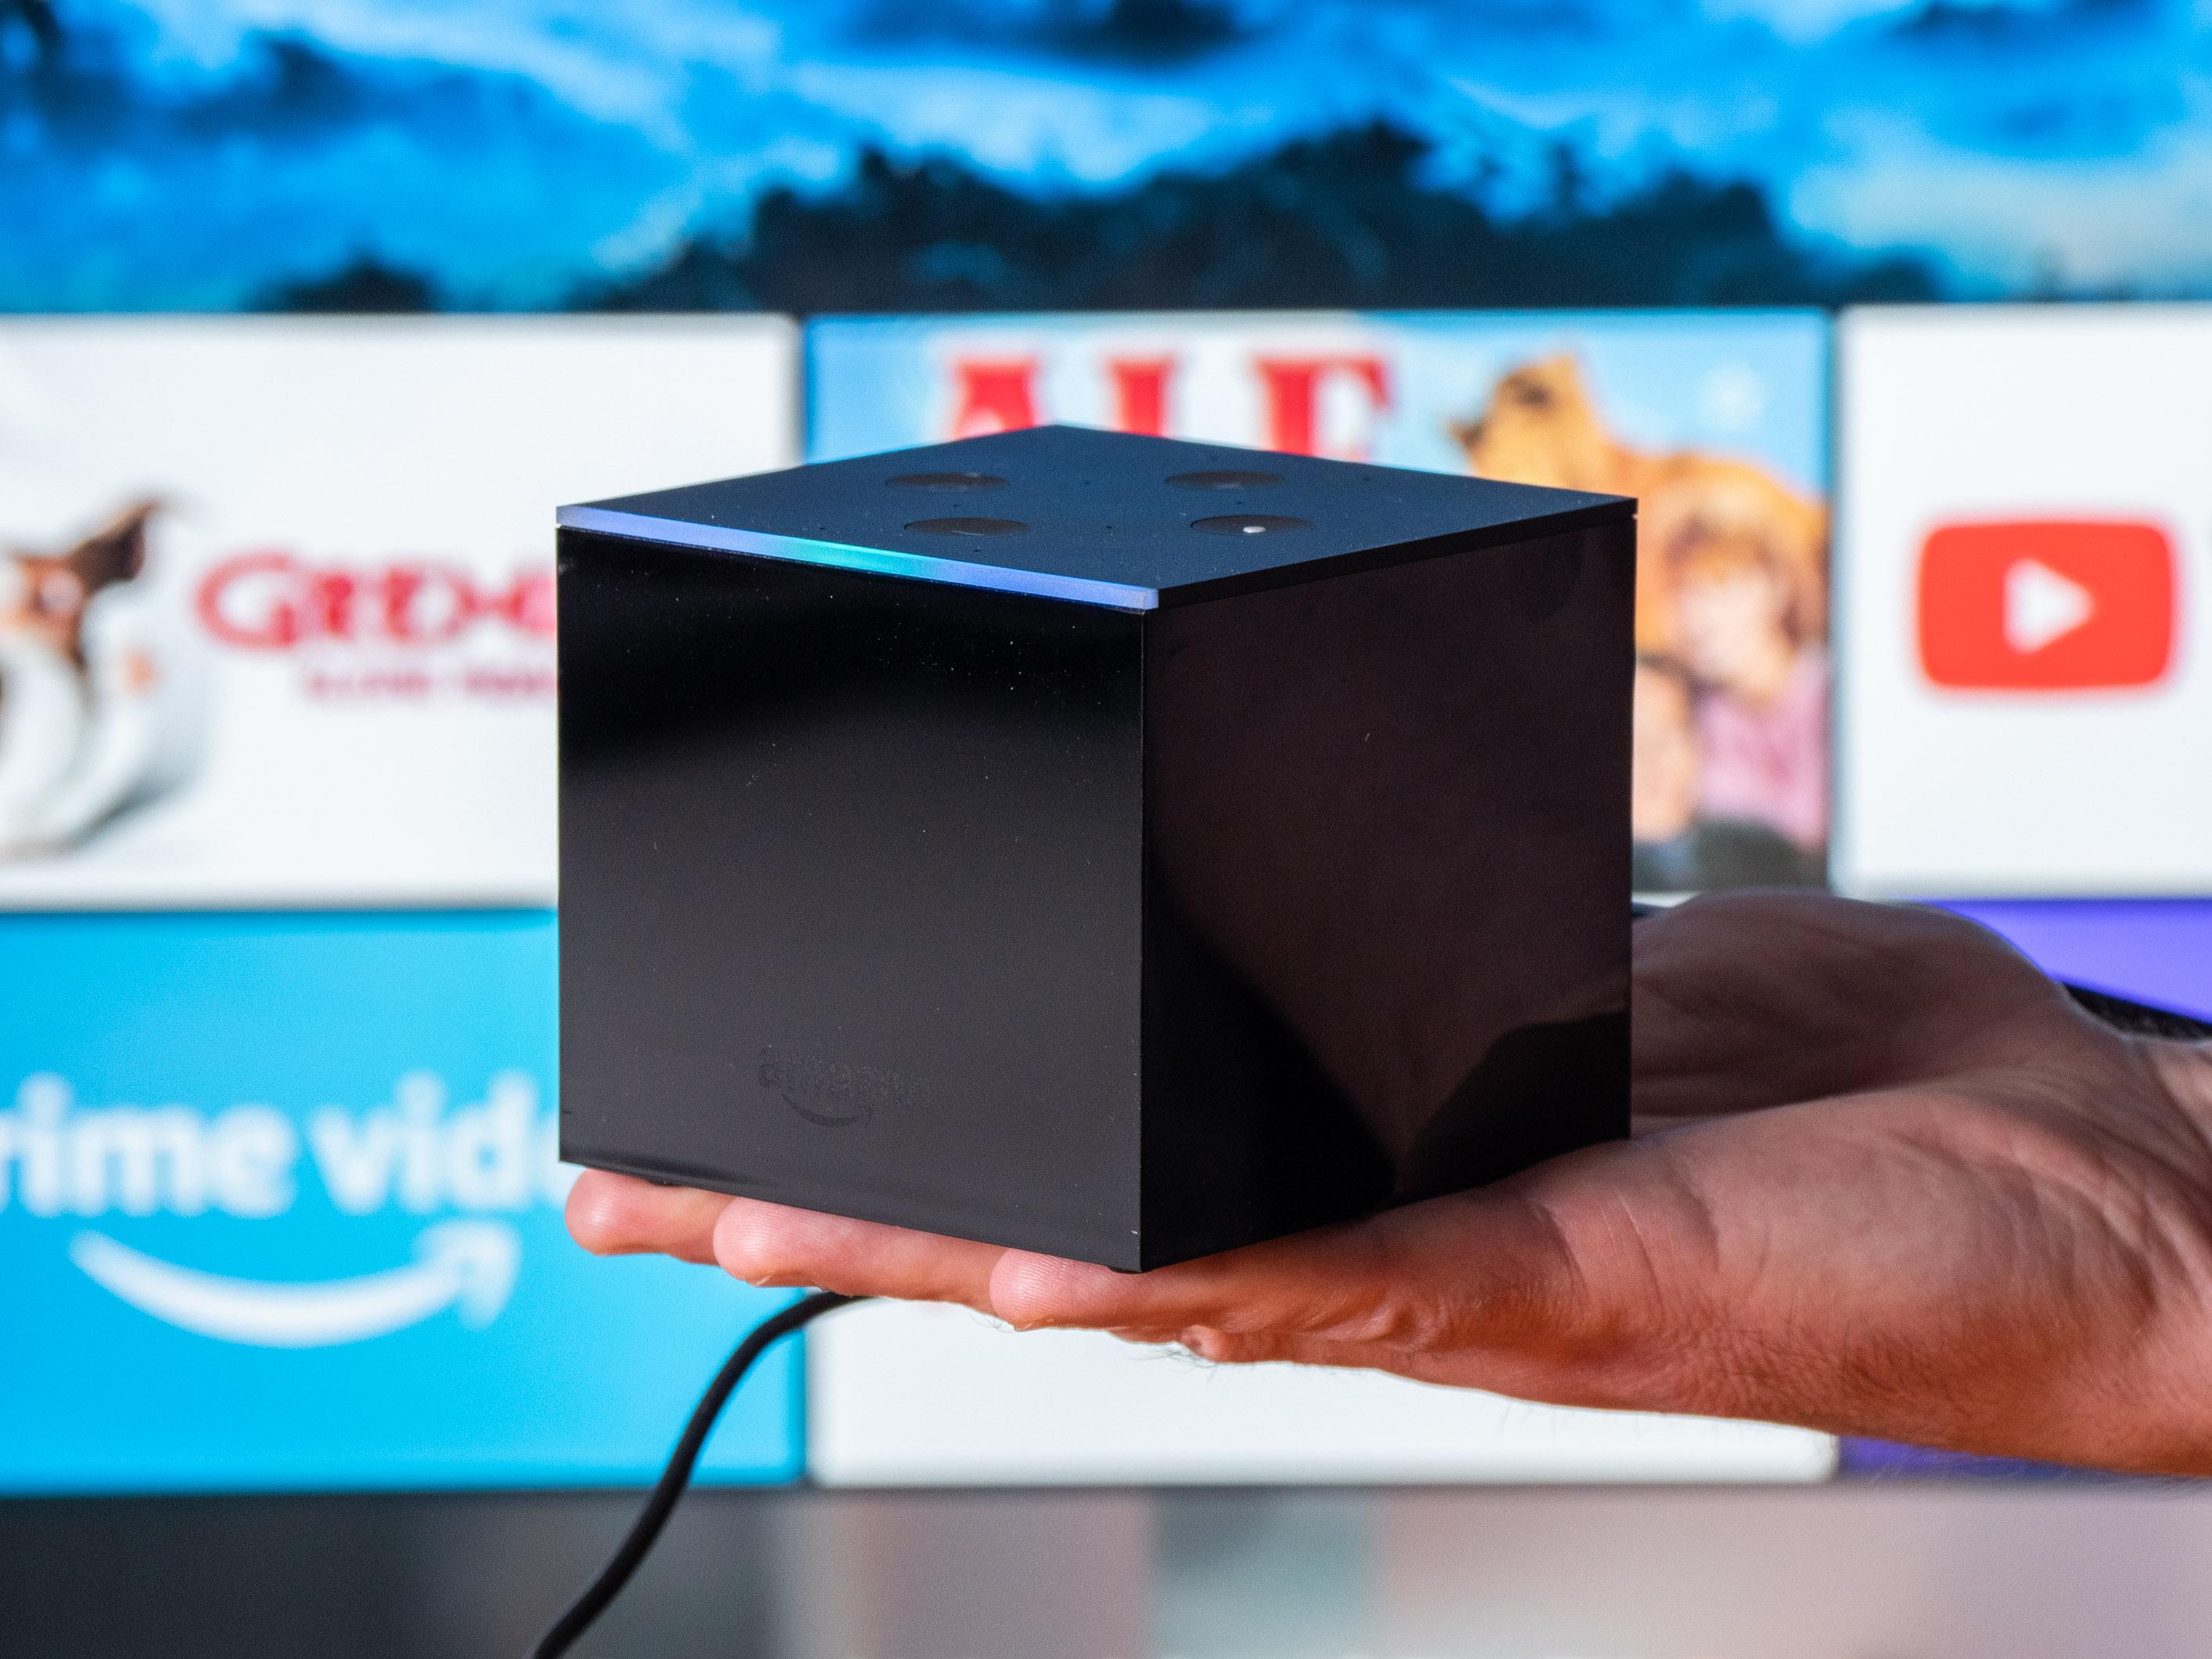 Fire TV Cube im Praxistest: Das beste Fire TV mit fast perfekter Alexa-Sprachsteuerung - Amazons Fire TV Cube (Bild: Martin Wolf/Golem.de)